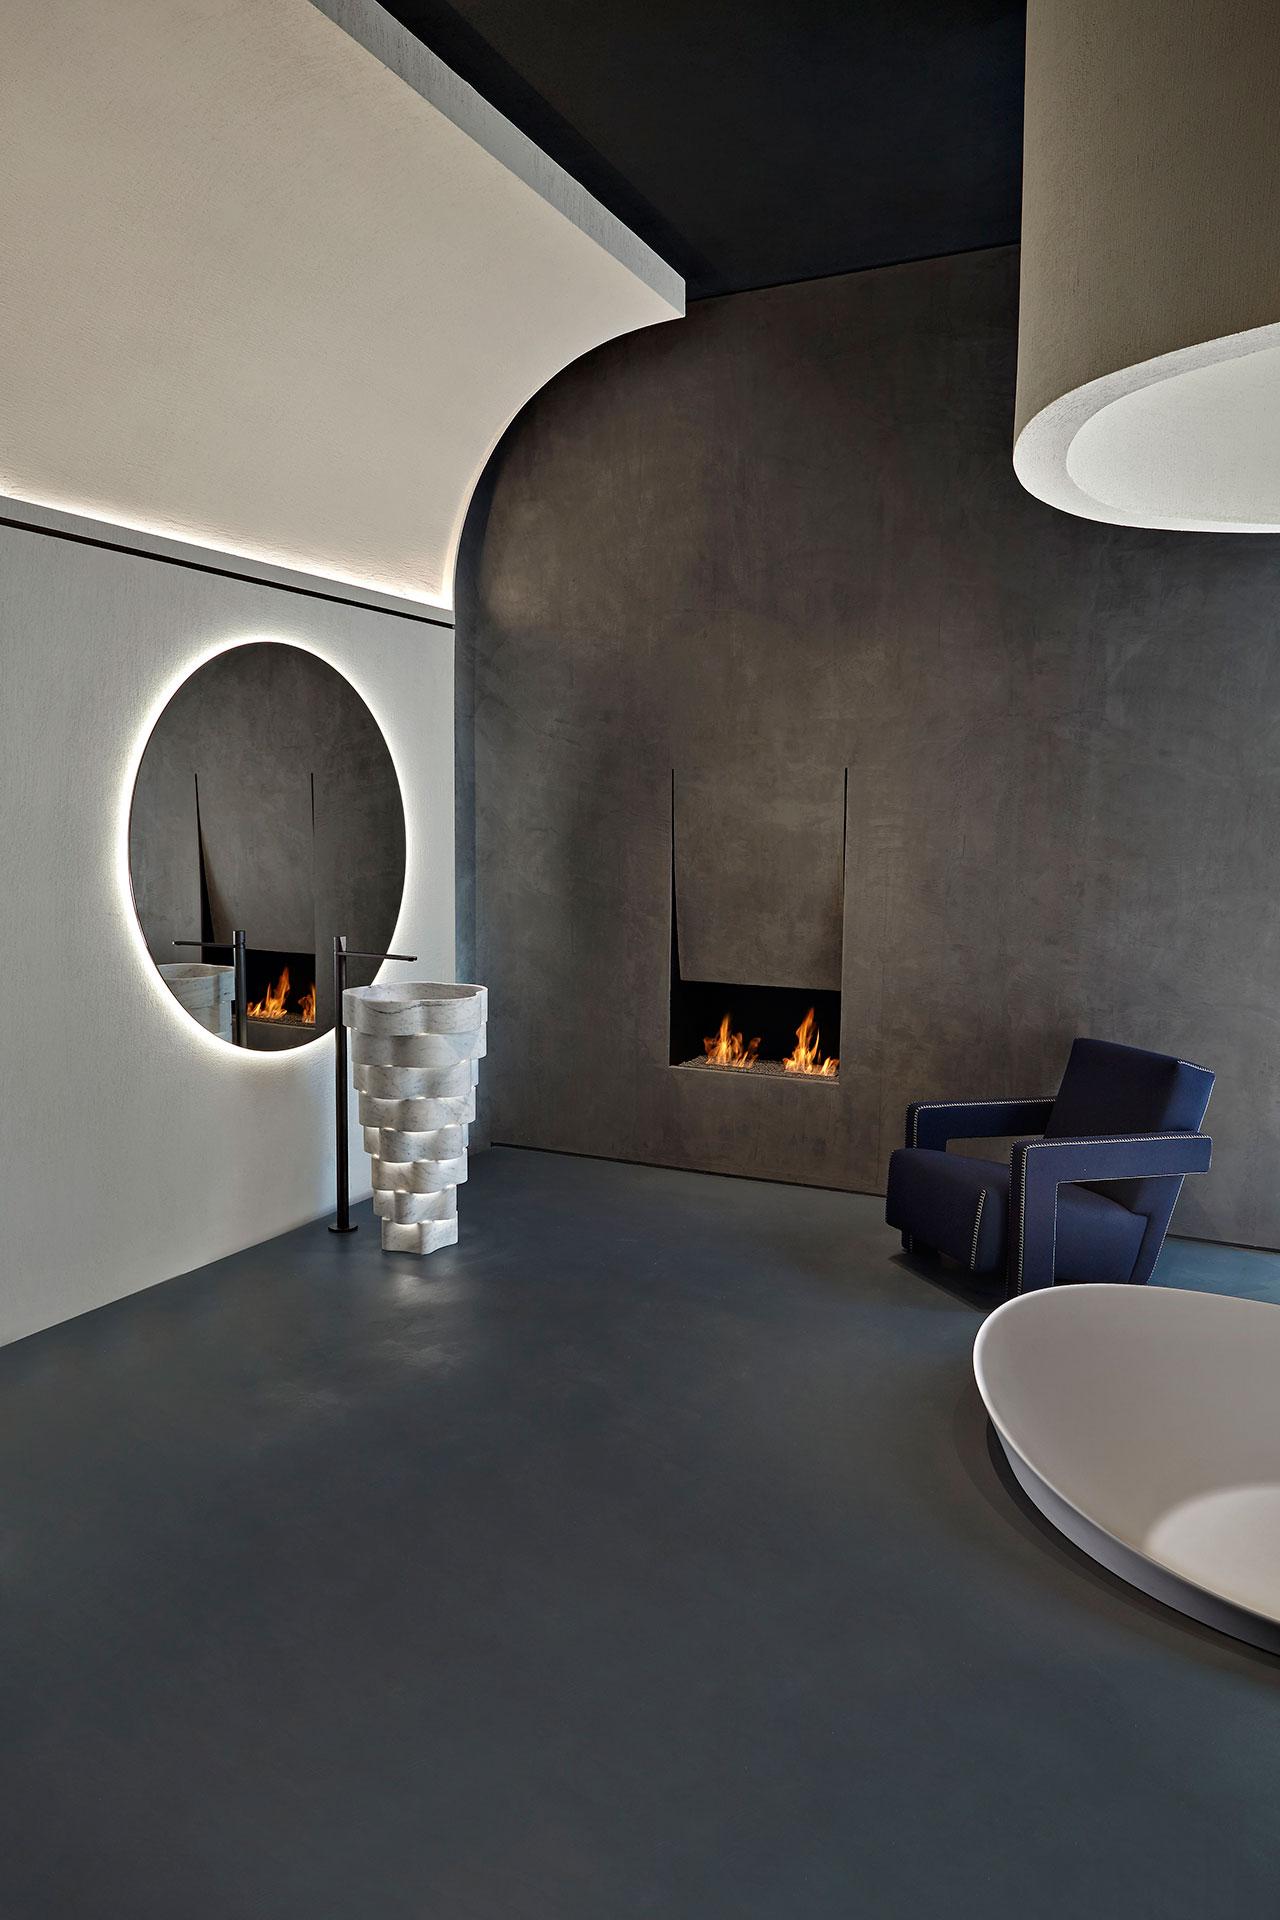 Antoniolupi Showroom in Milano, 2018. Interior design by Calvi Brambilla. Photo by Camilla Maria Santini.